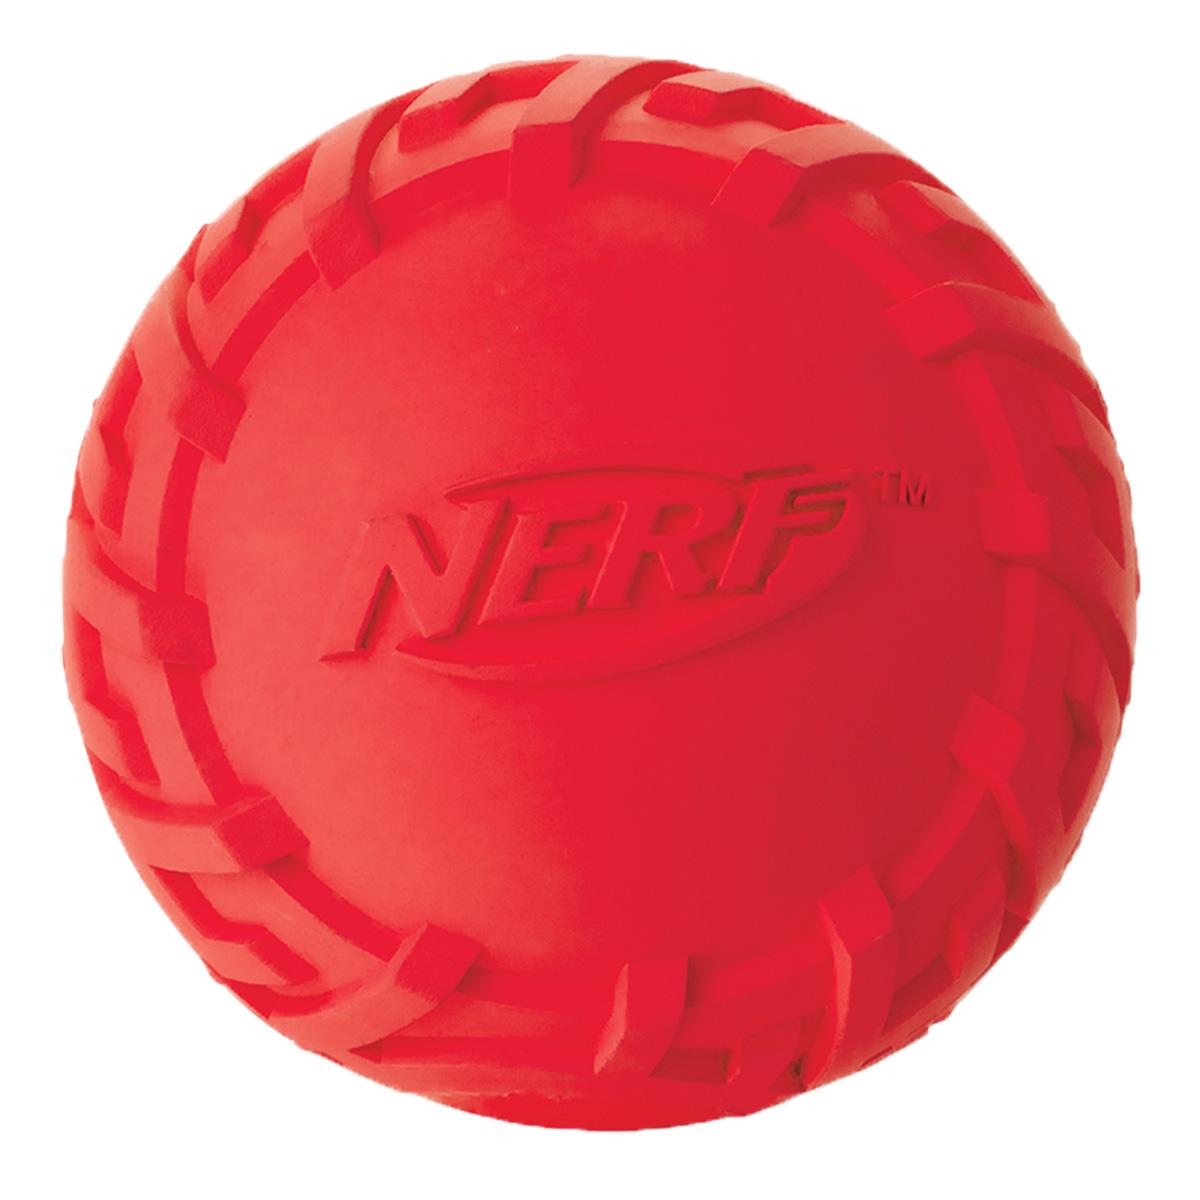 Игрушка для собак Nerf Мяч резиновый, пищащий, диаметр 7,5 см0120710Мяч с уникальным рисунком протектора шины!Изготовлен из сверхпрочной резины, что обеспечивает долговечность использования! Подходит для собак с самой мощной челюстью! С пищалкой!Яркие привлекательные цвета!Игрушки Nerf Dog представлены в различных сериях в зависимости от рисунка, фактуры и материала, из которого они изготовлены (резина, ТПР, нейлон, пластик, каучук).Размер: 7,5 см, M.